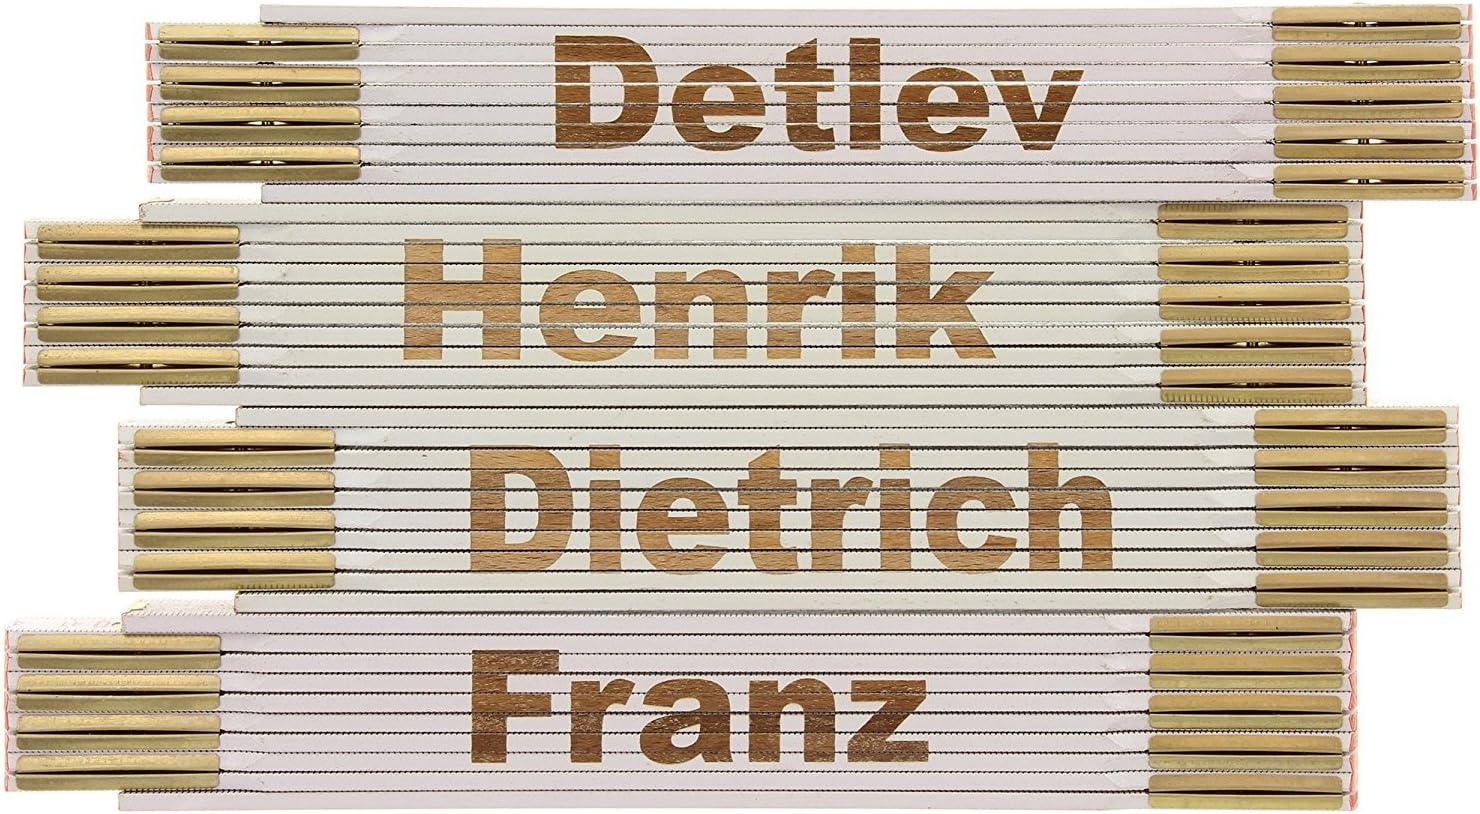 Gabriel MIK funshopping Zollstock Gliederma/ßstab aus Holz mit Lasergravur 2 Meter beidseitig beschriftet m/ännliche Vornamen von G bis M